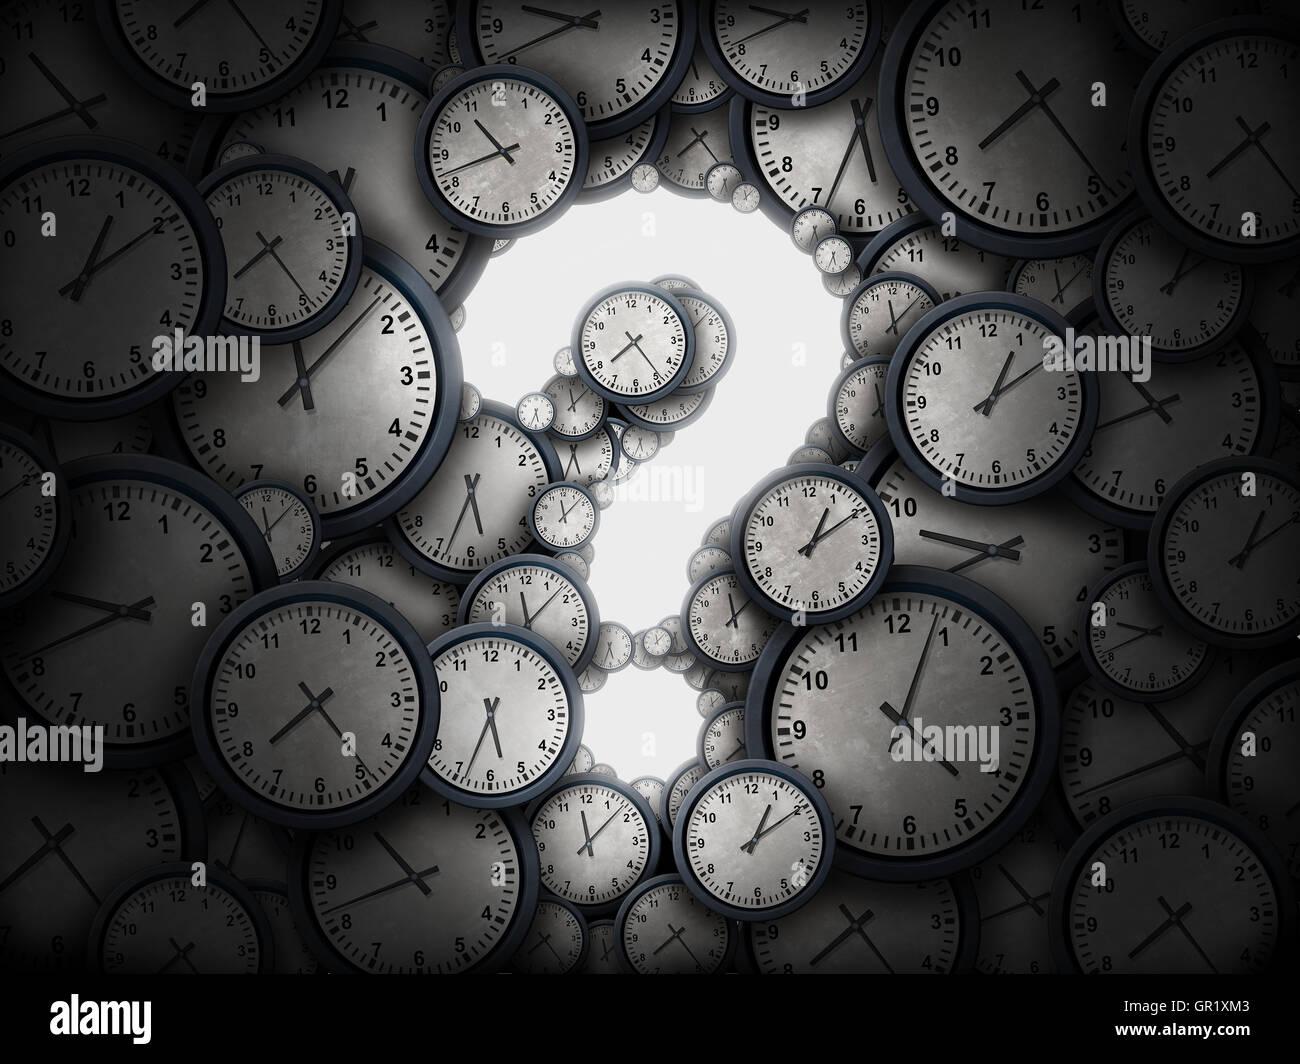 Concepto de tiempo la pregunta o preguntas de programación de negocio símbolo como un grupo de relojes Imagen De Stock